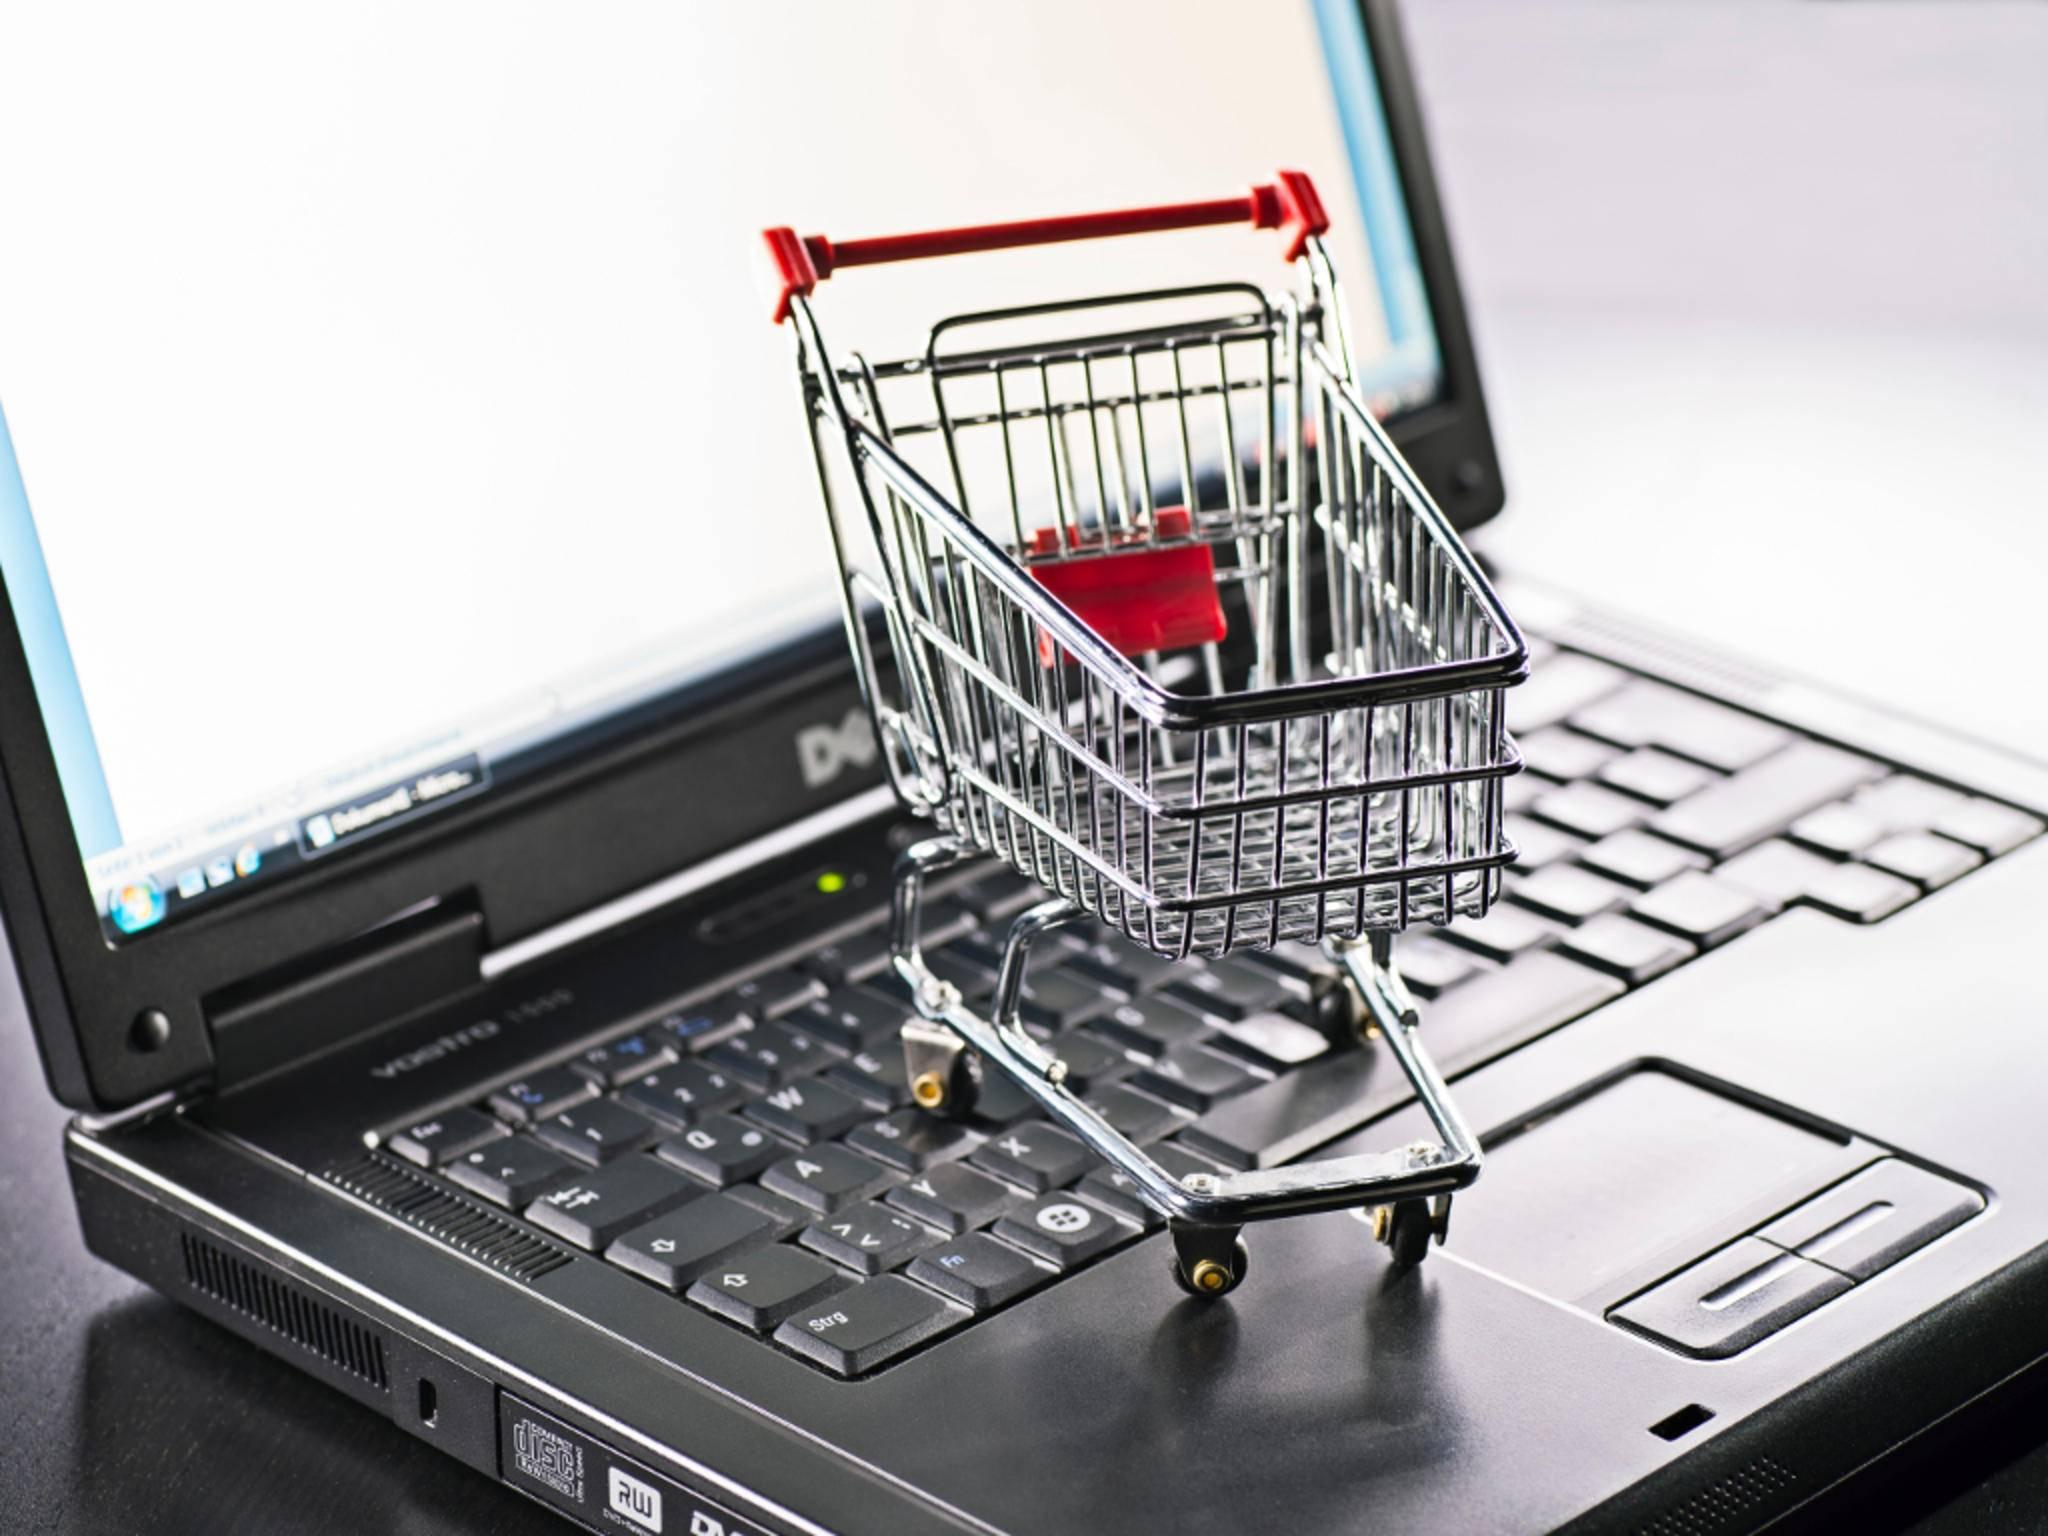 Wir erklären, was Du bei gebrauchten PCs beachten solltest.